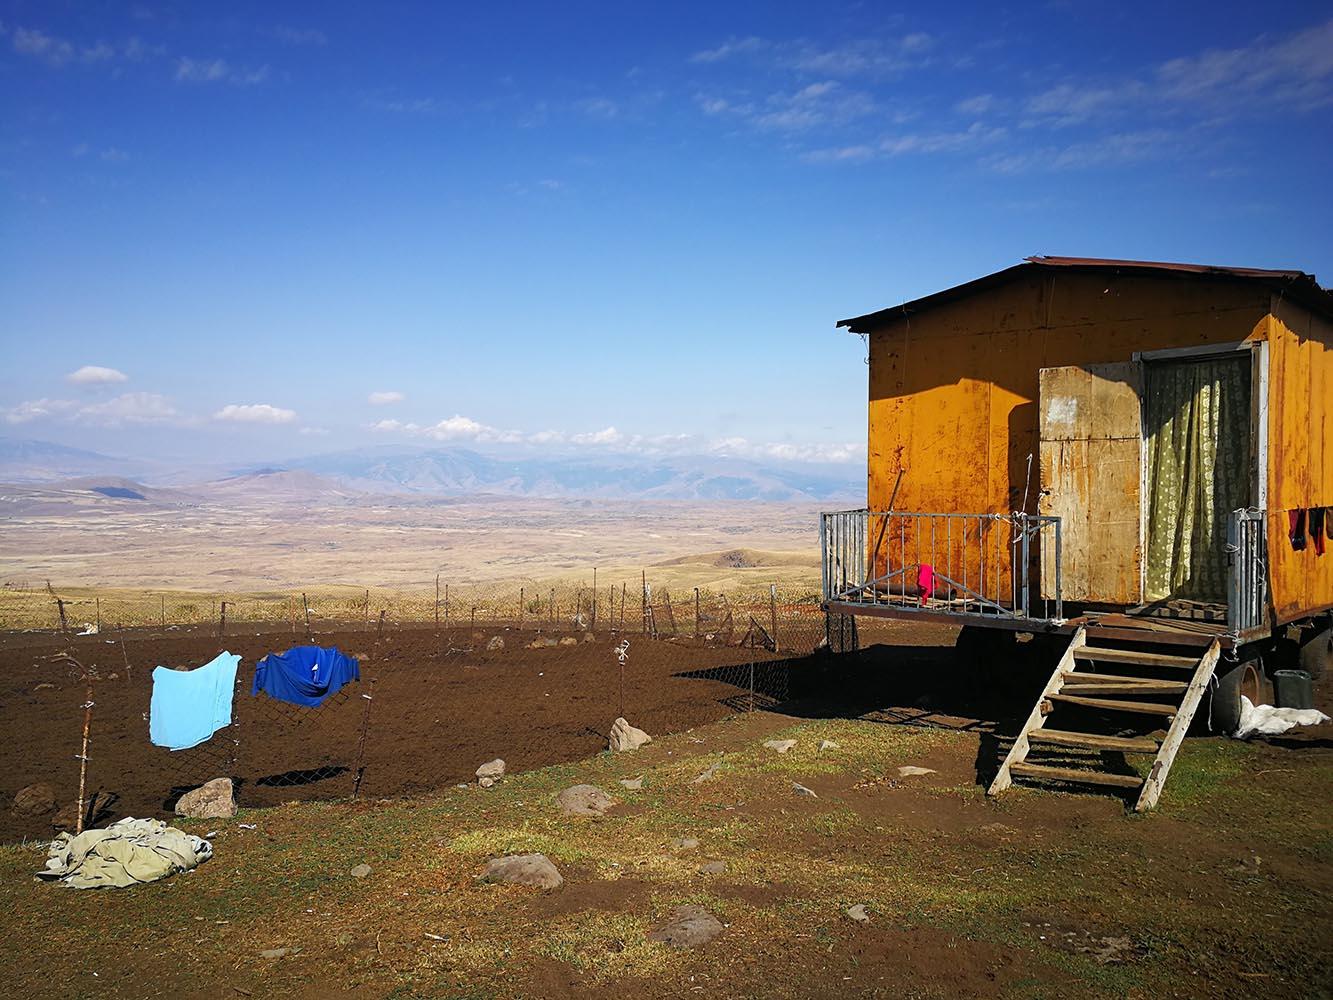 villaggio pastori